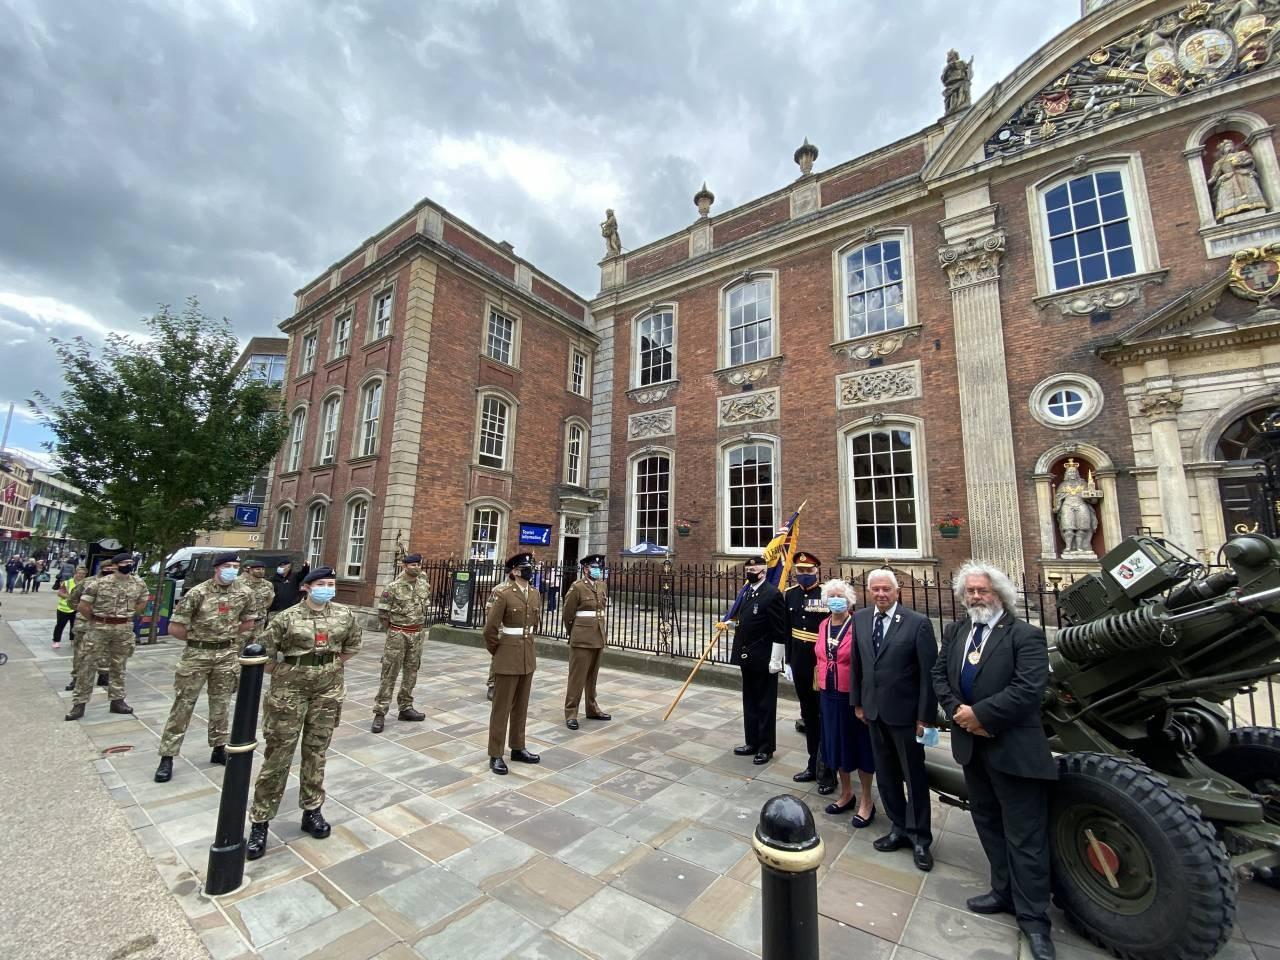 Deputy-Mayor-Cllr-Adrian-Gregson-R-David-and-Jean-Waldron-British-Legion-Major-General-Mark-Armstrong